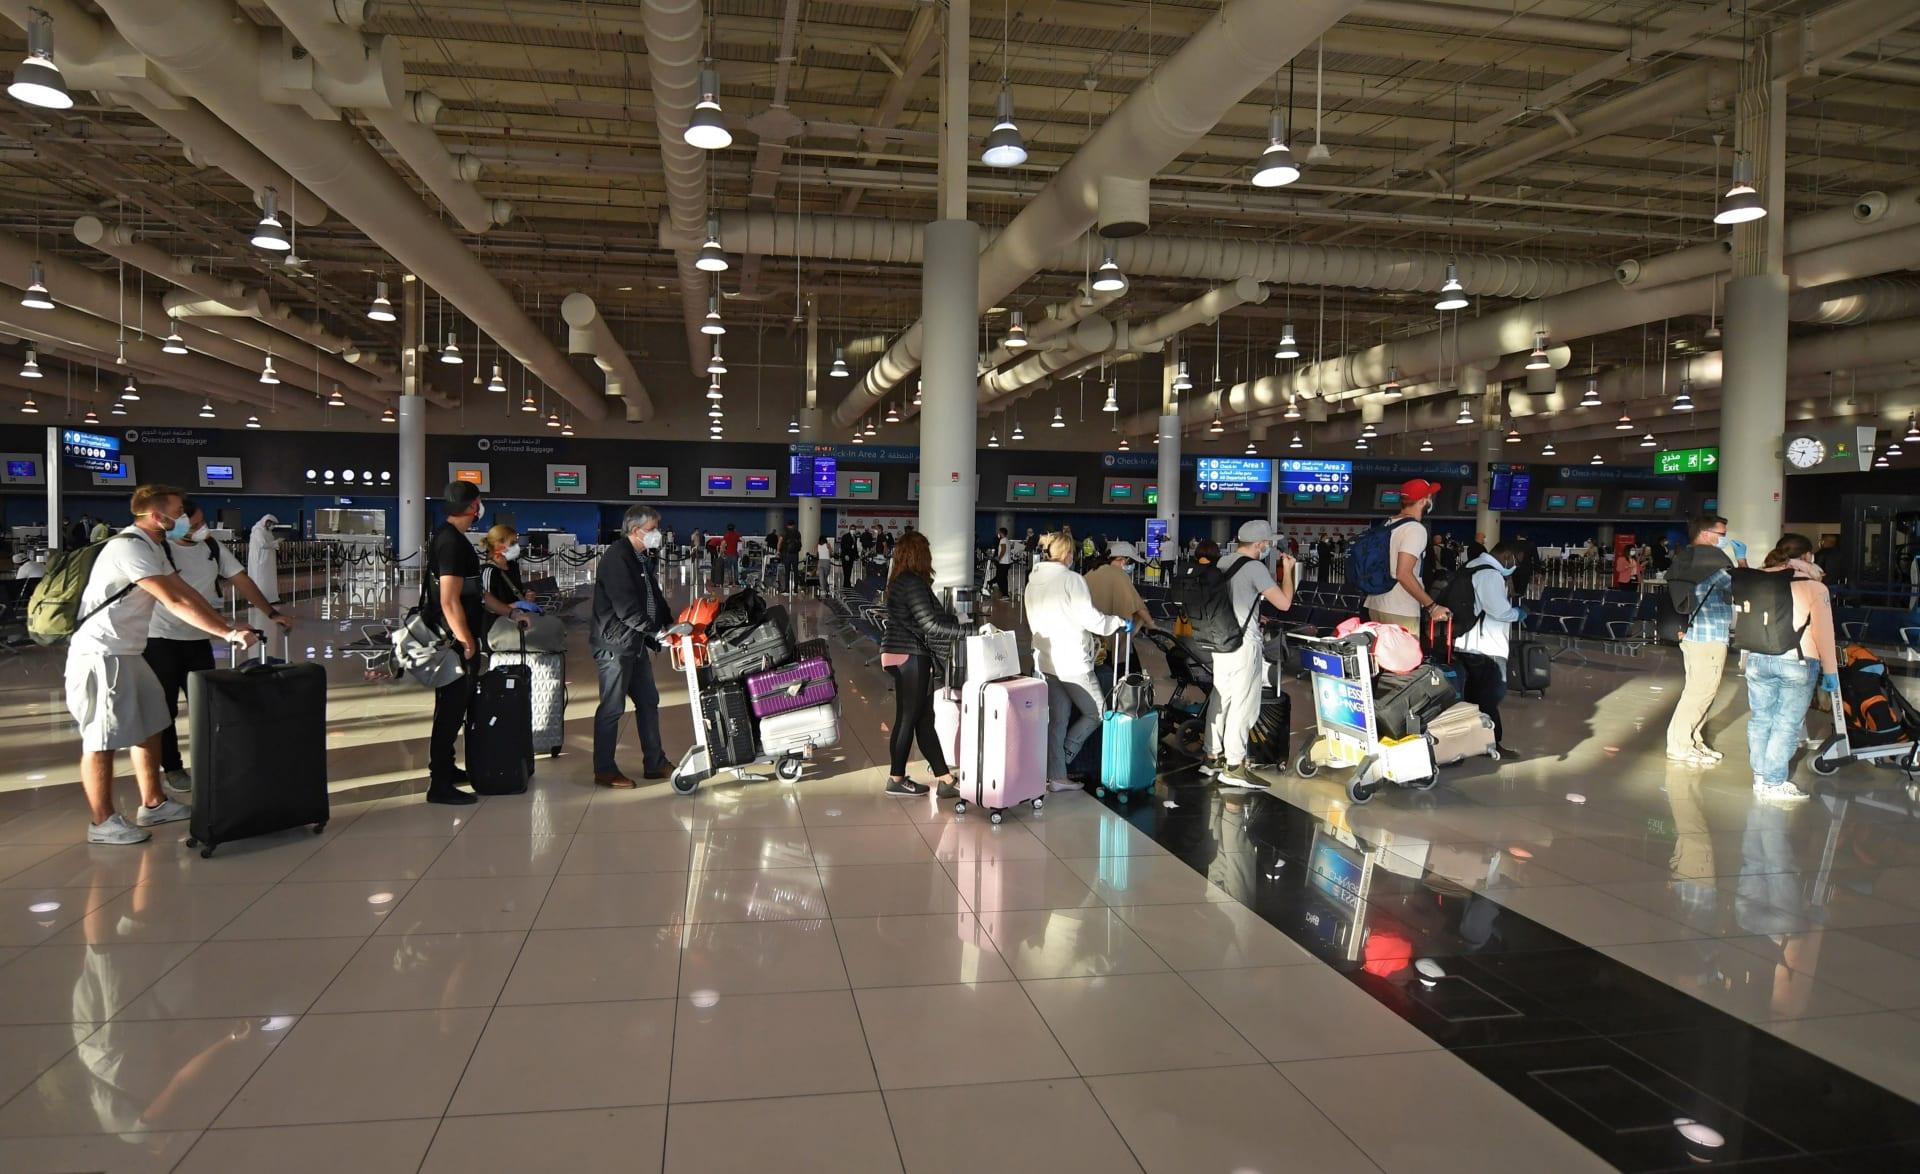 صورة أرشيفية من داخل مطار دبي الدولي